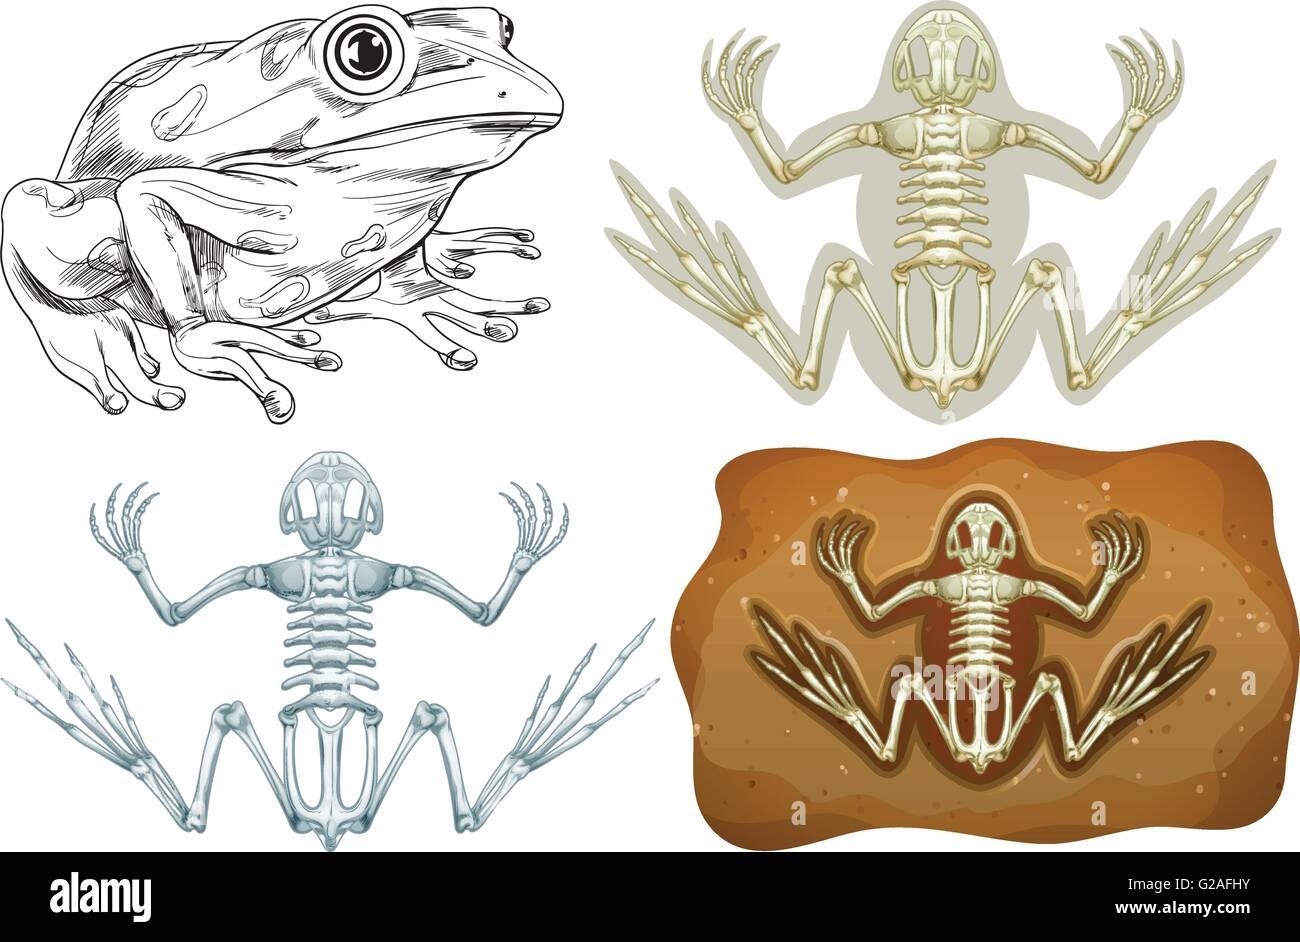 Nett Frosch Anatomie Funktionen Zeitgenössisch - Anatomie Von ...